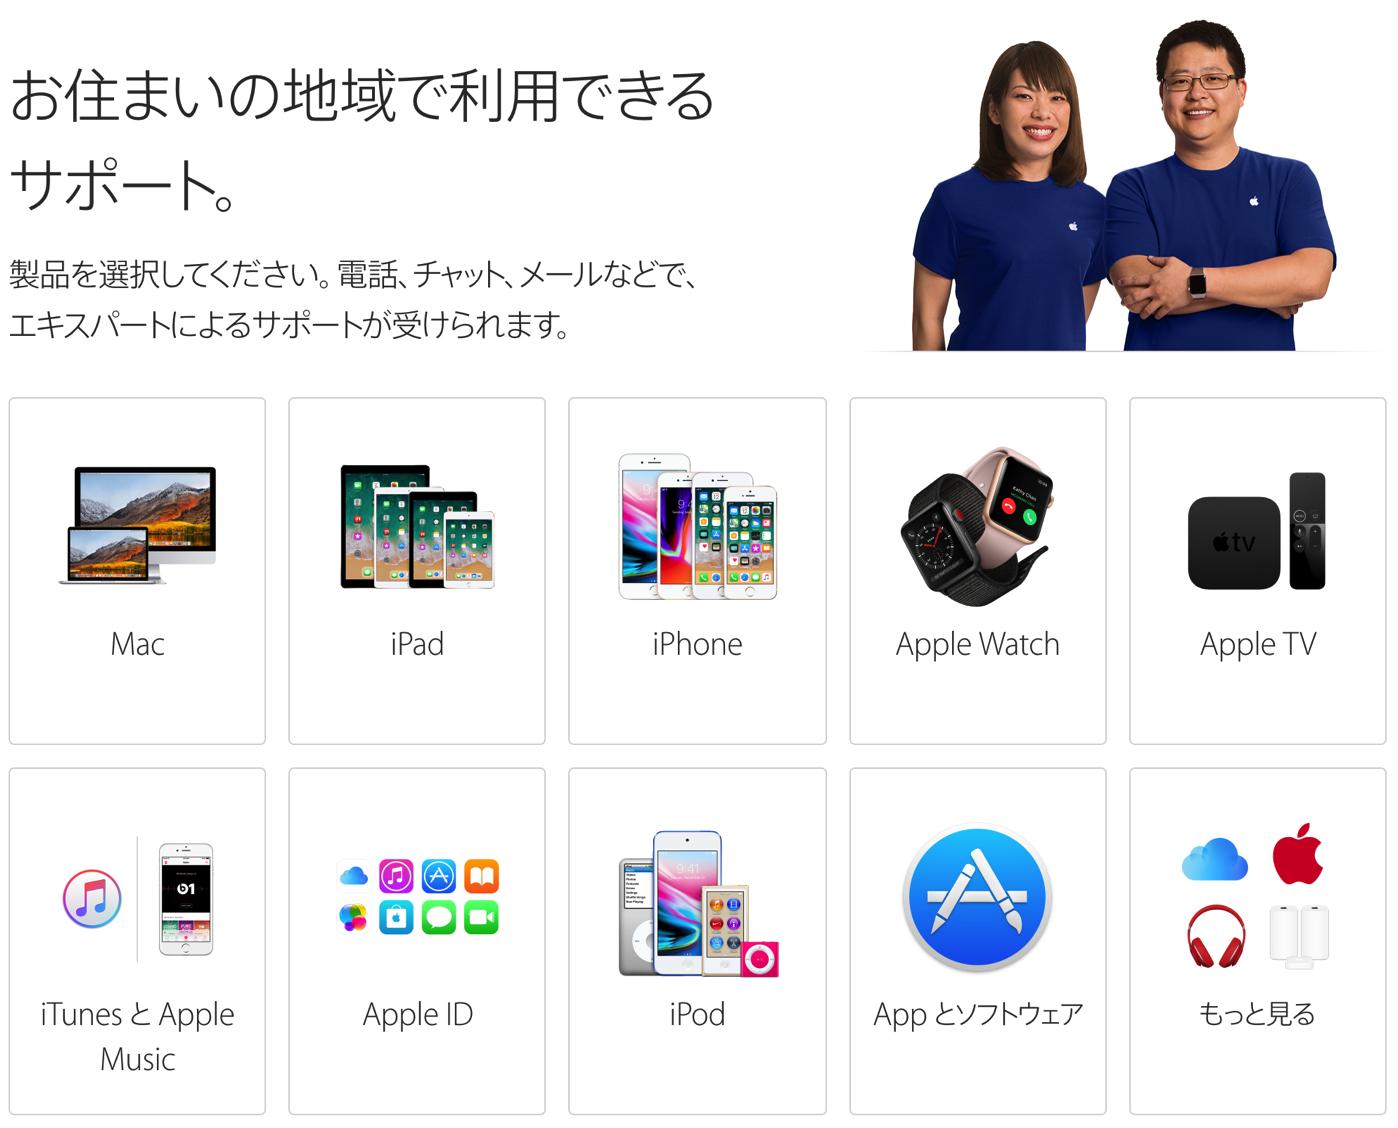 [Mac]macOS High Sierraアップデート時のエラー頻発によりAppleサポートに連絡し無事にアップデートが完了したよ